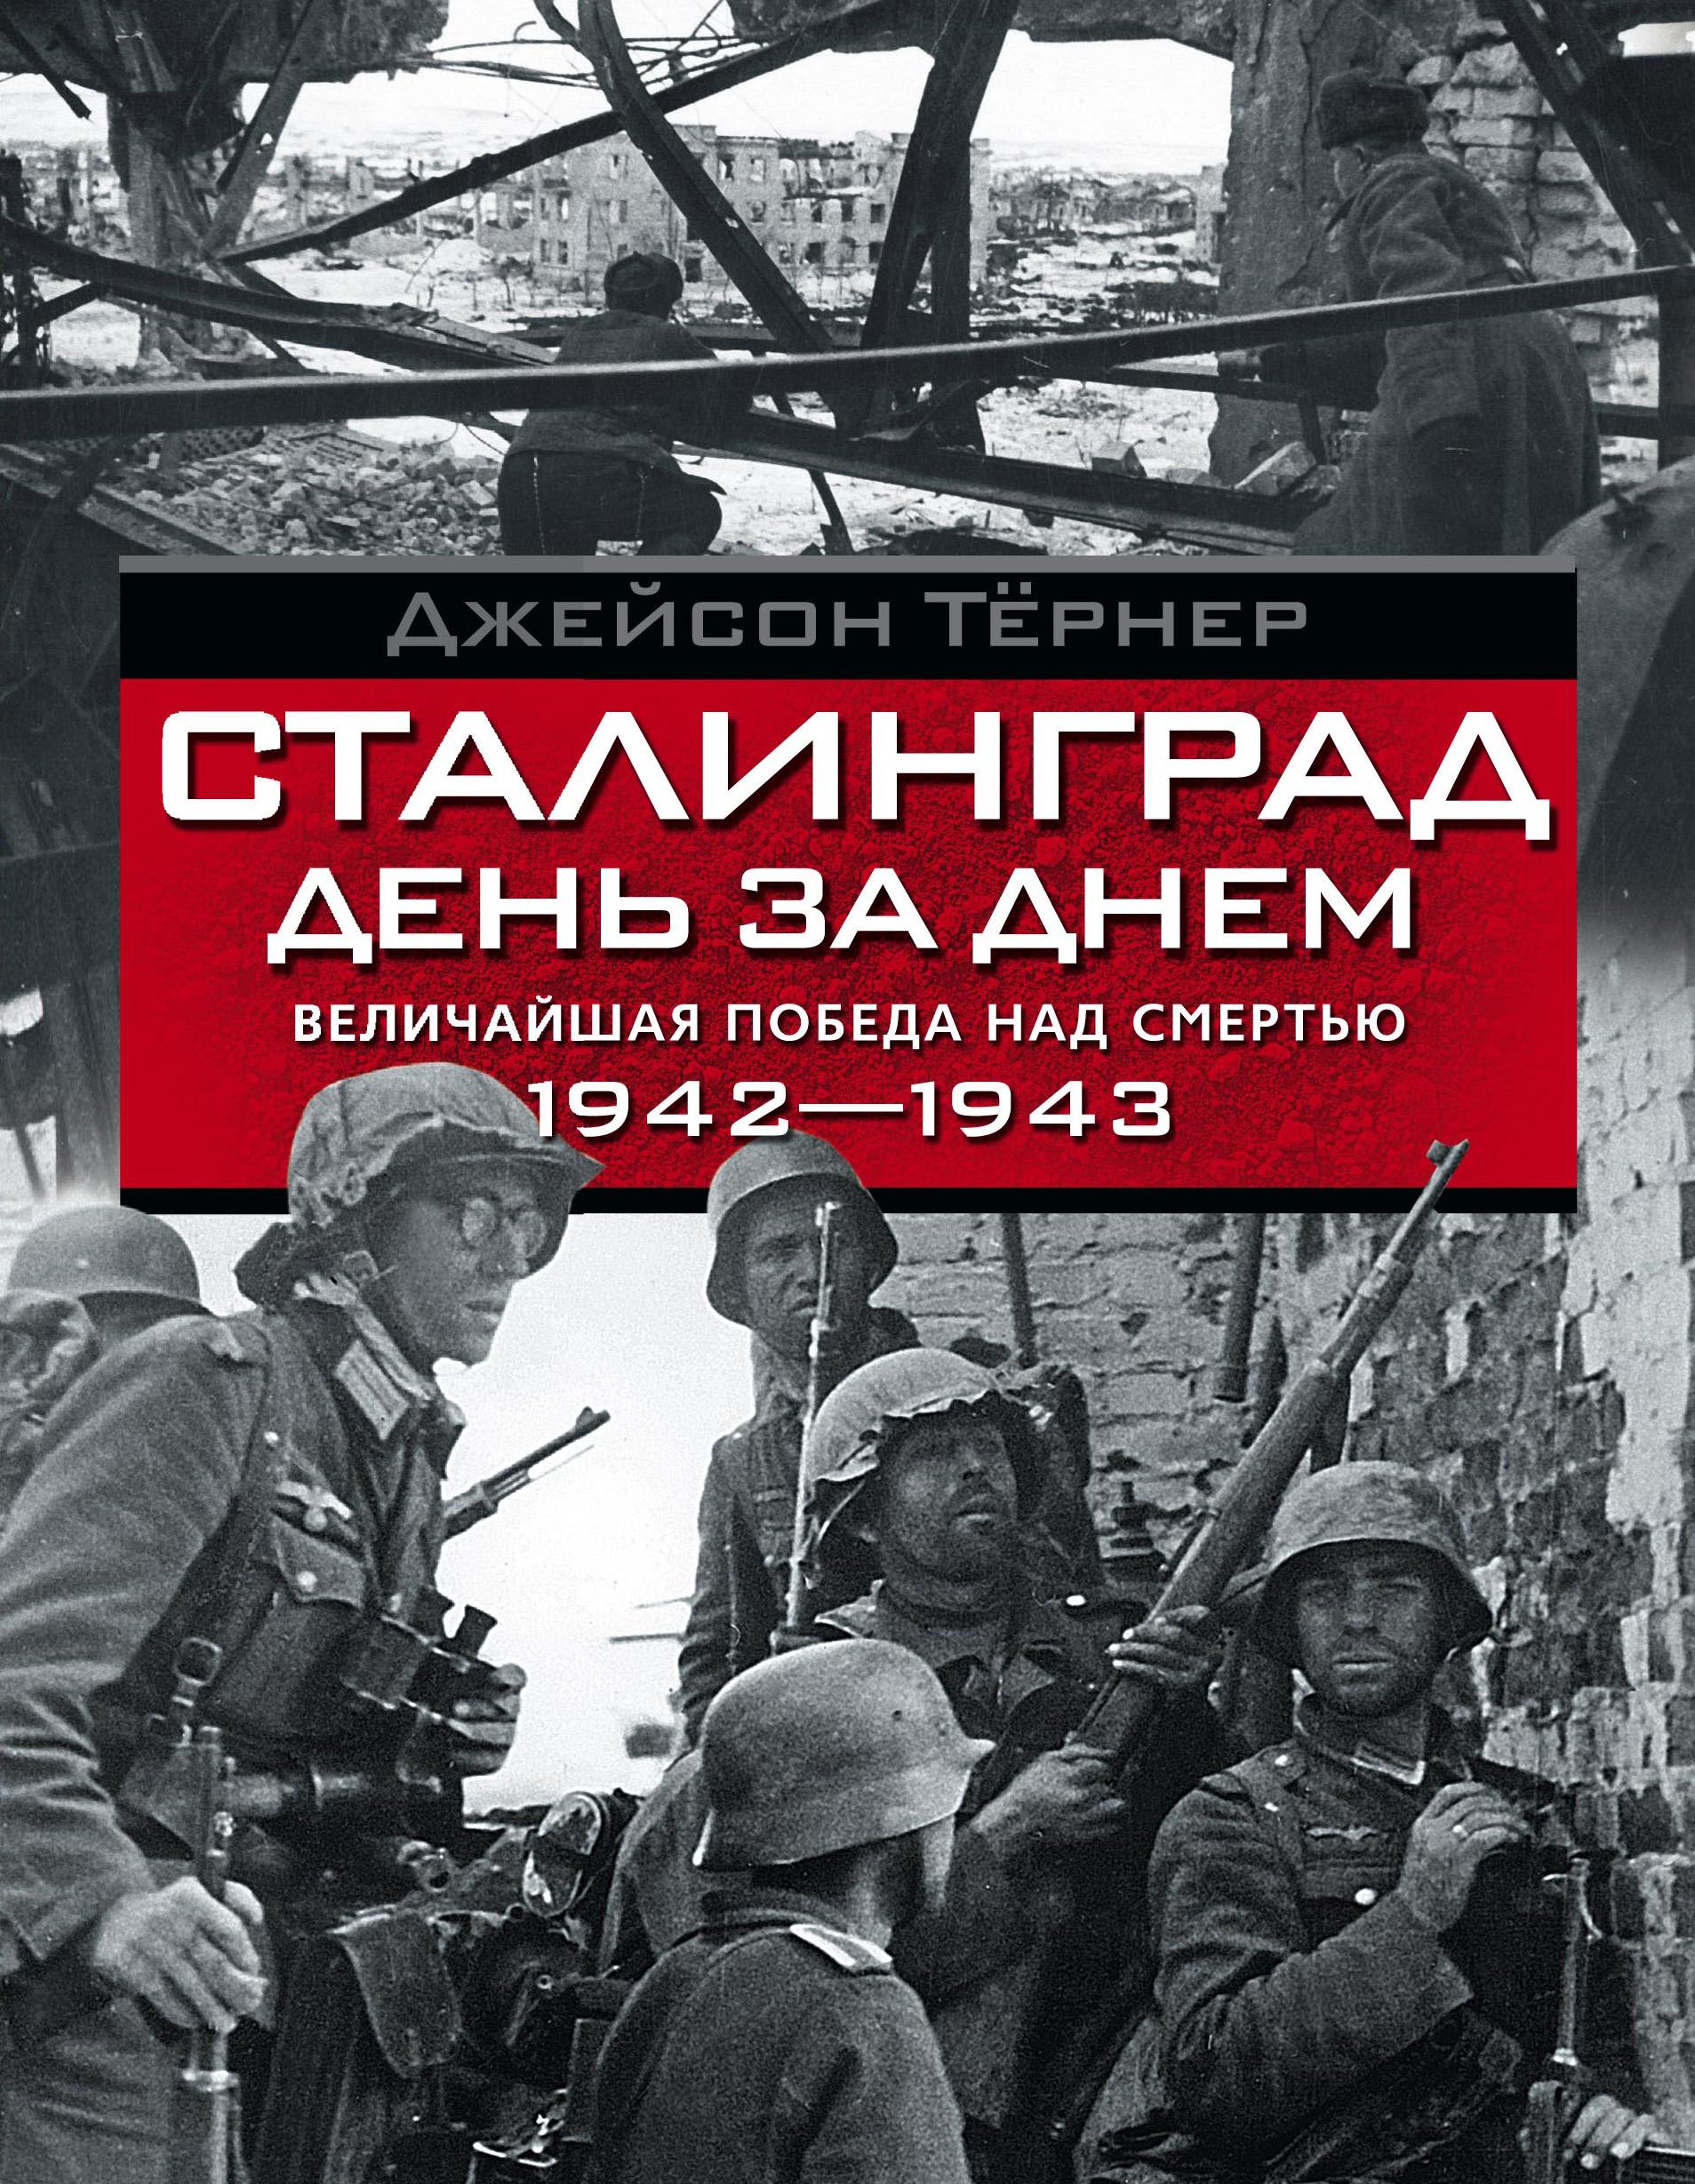 цена на Джейсон Тёрнер Сталинград день за днем. Величайшая победа над смертью. 1942–1943